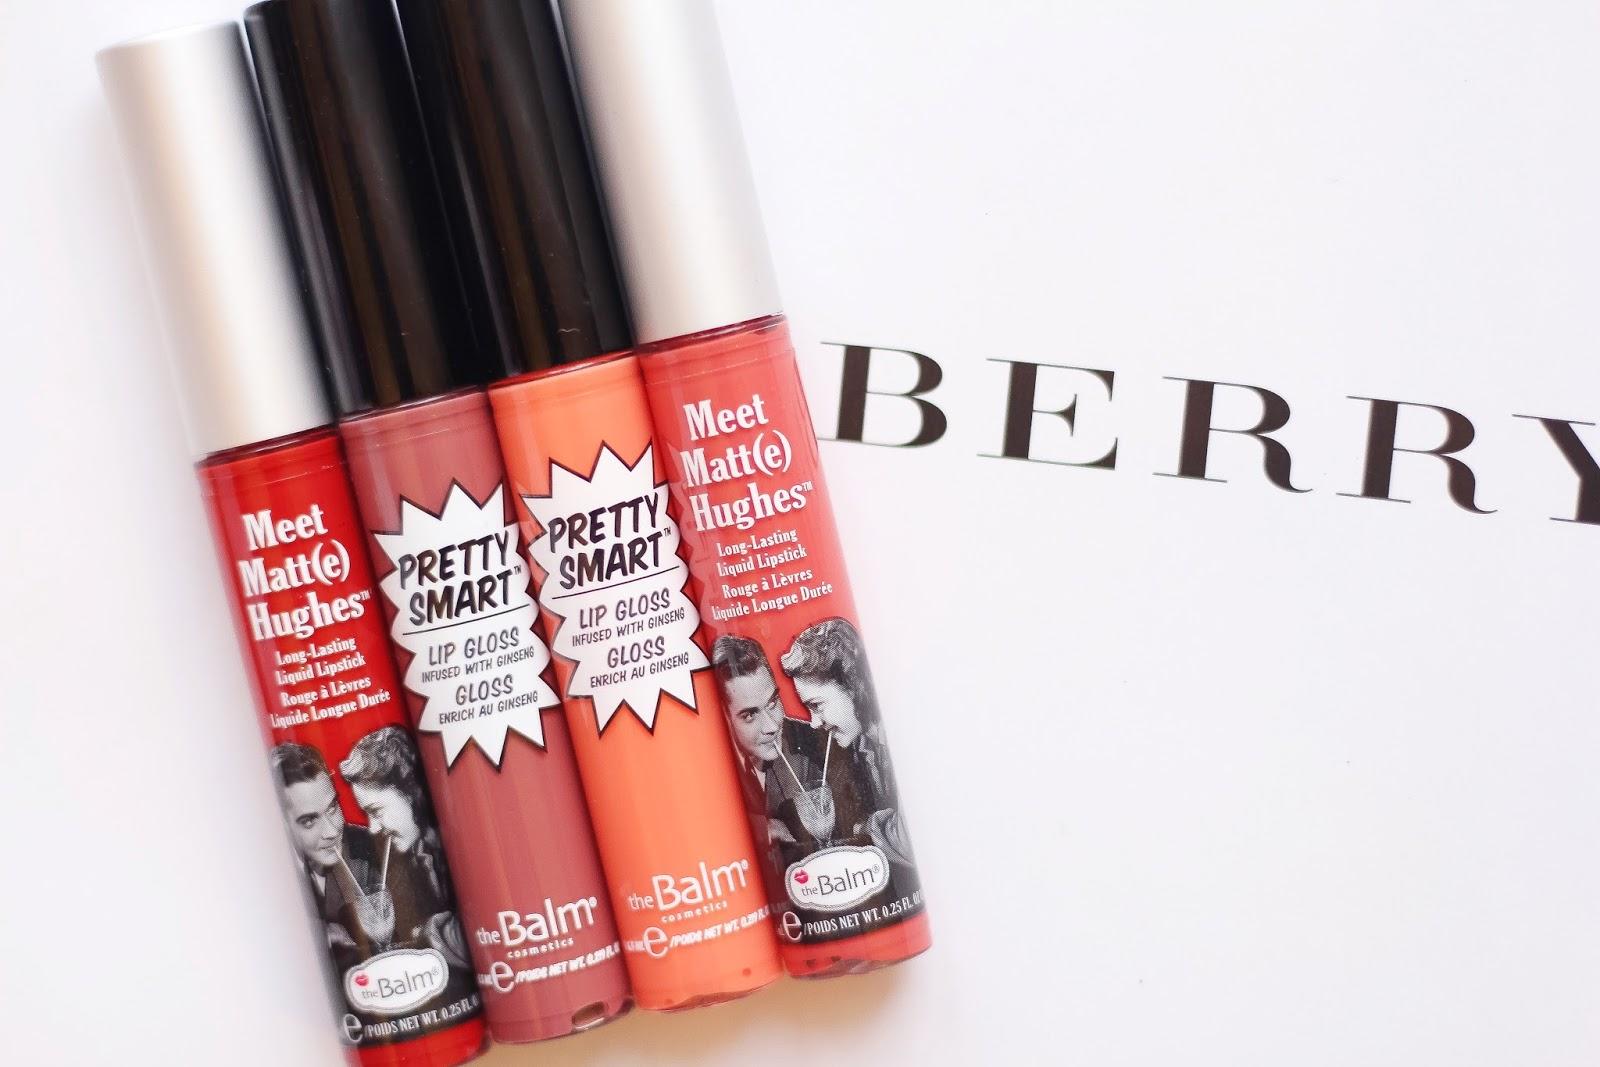 Meet Matte Hughes Liquid Lipsticks, Meet Matte, theBalm, theBalm Schwing, Manizer Sisters, Mary- Lou Manizer, Betty - Lou Manizer, Cindy-Lou Manizer, theBalm Pretty Smart lipgloss, theBalm Read My Lips lipgloss